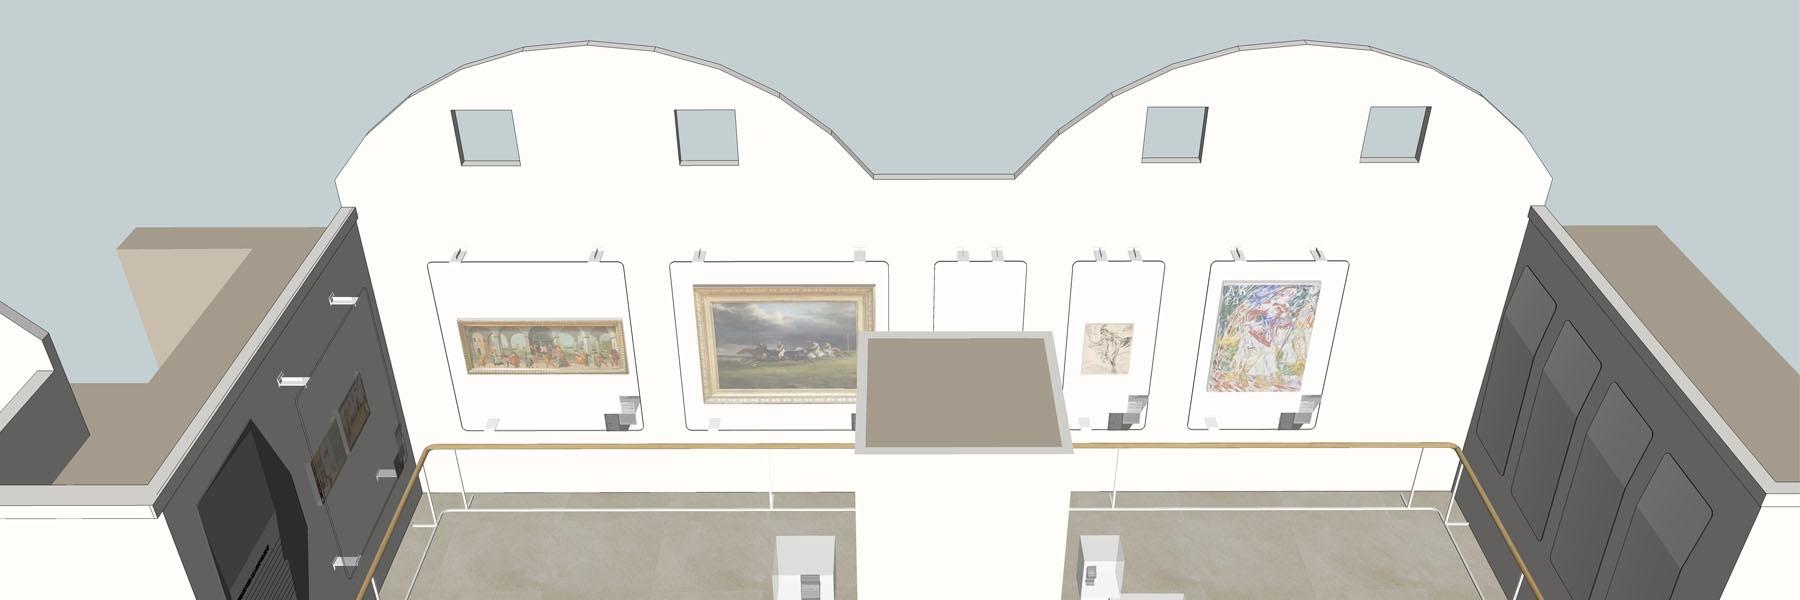 Image 3D tirée des plans de la scénographie